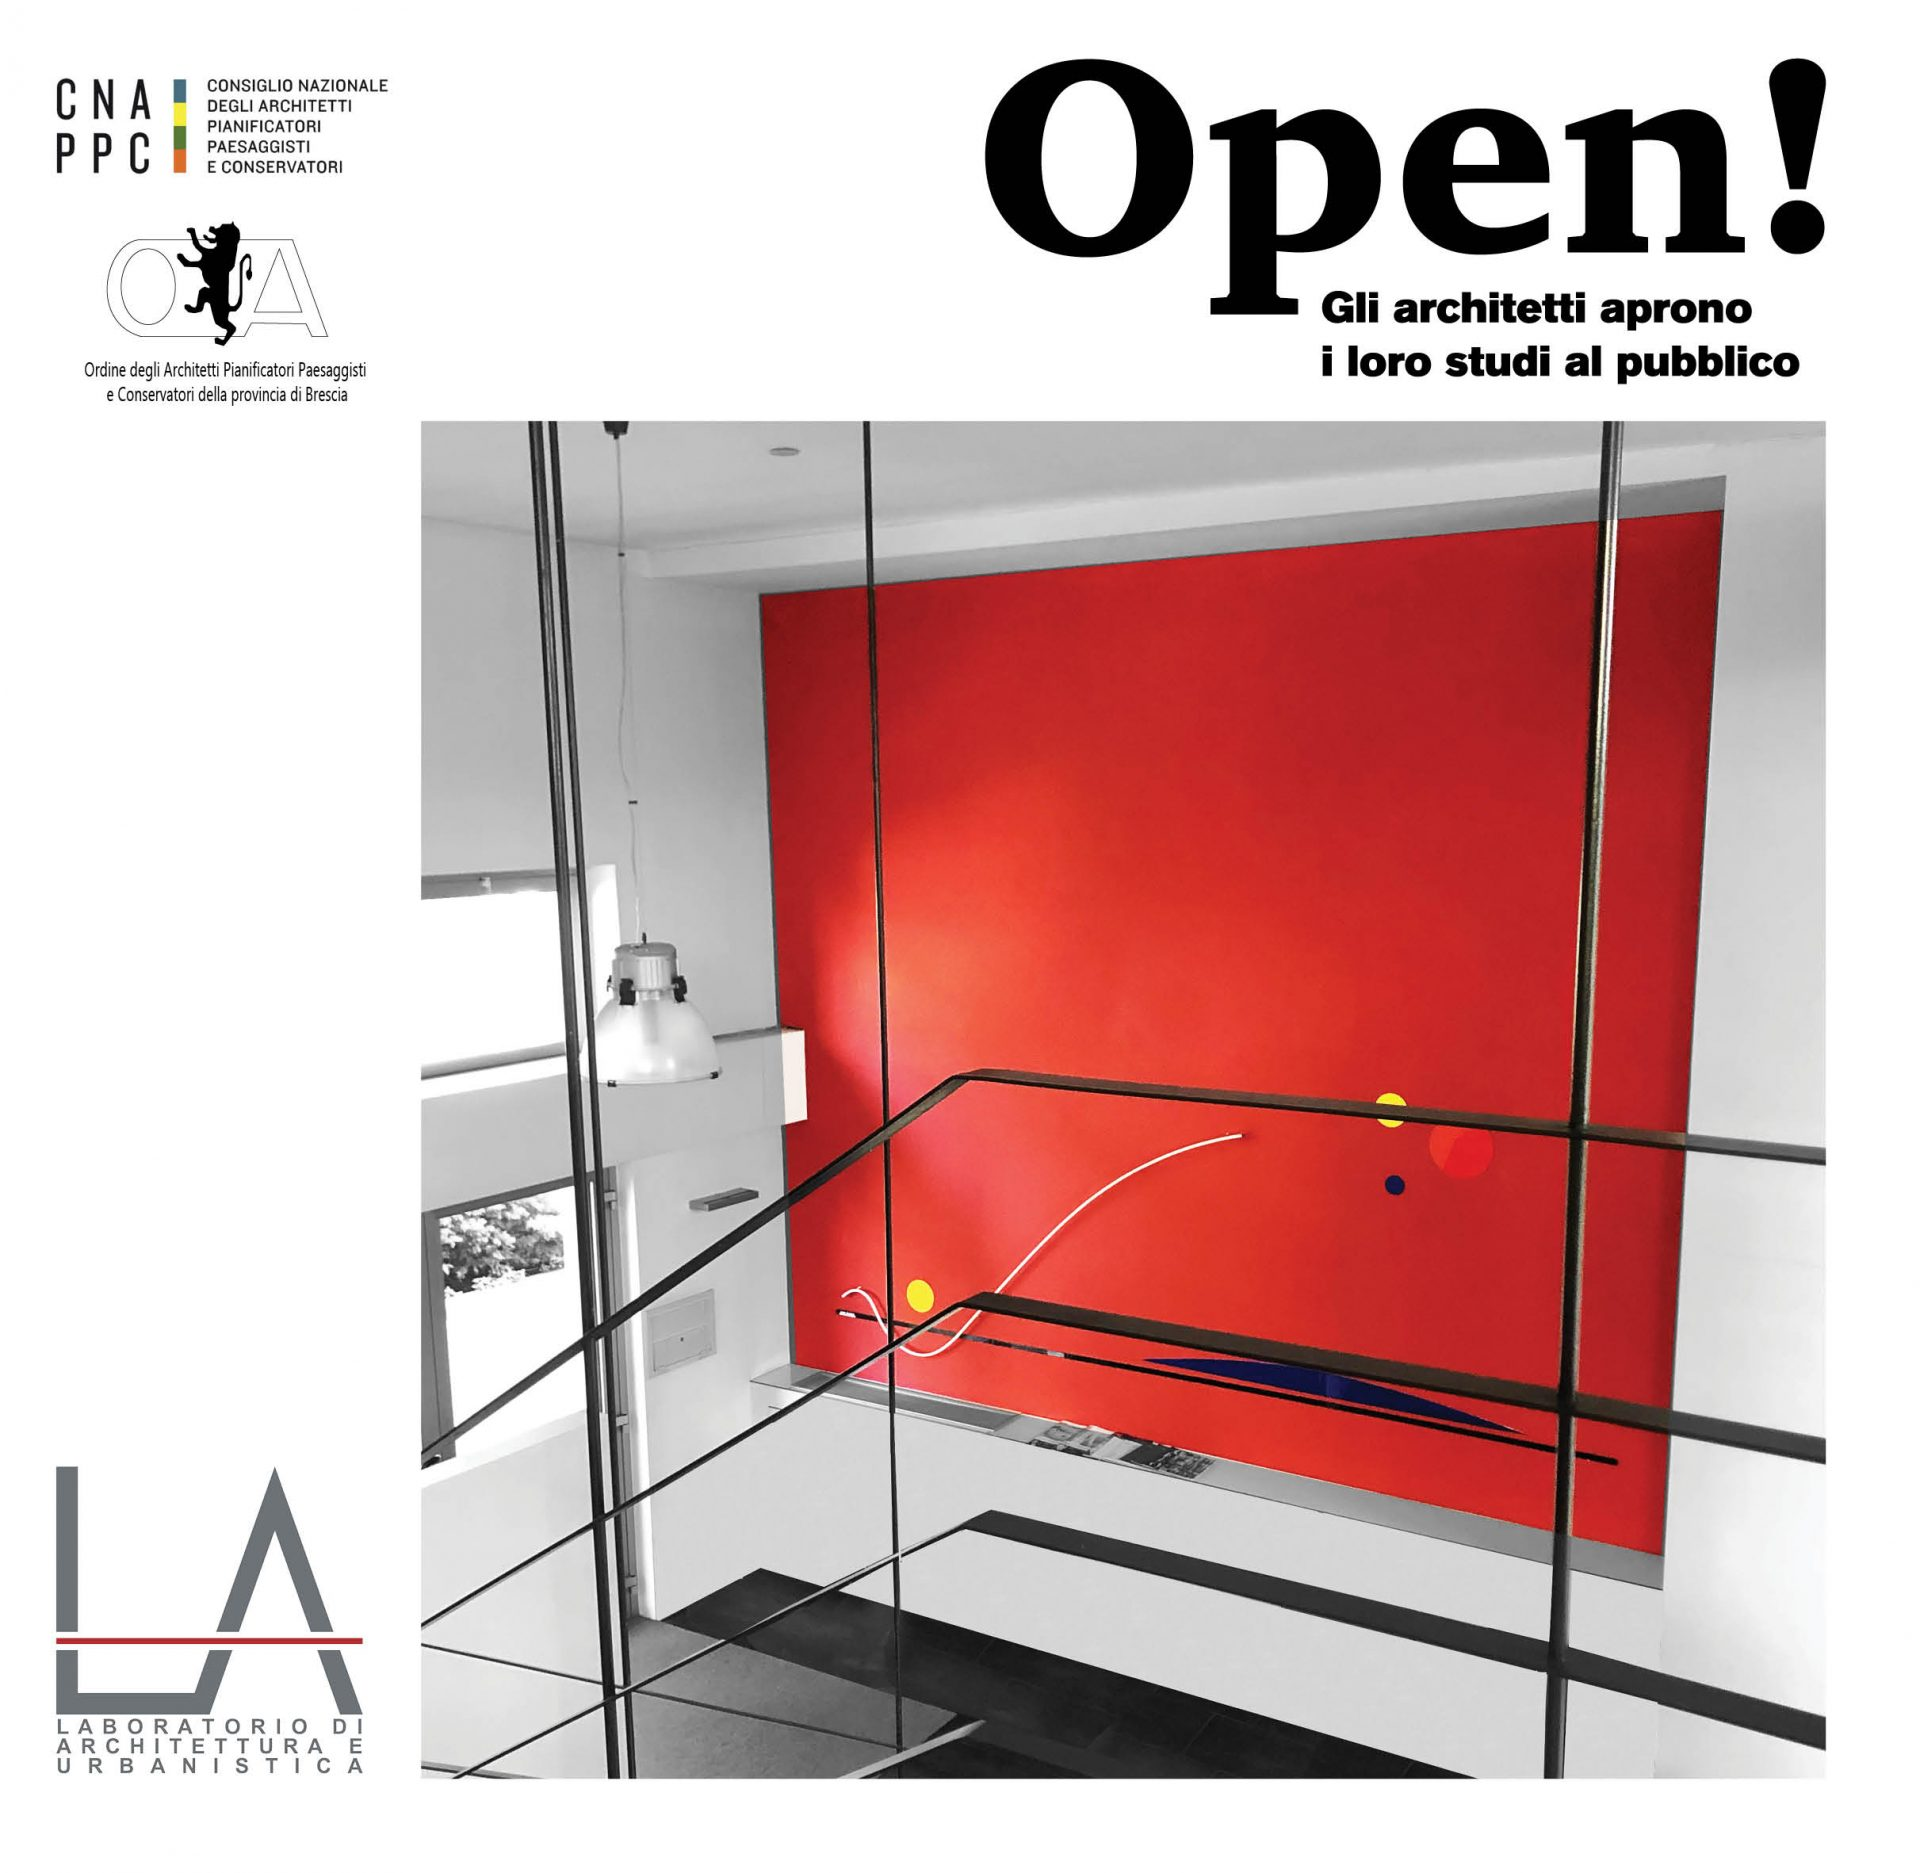 Fotografia dello studio Lussignoli Associati - Laboratorio di architettura e urbanistica